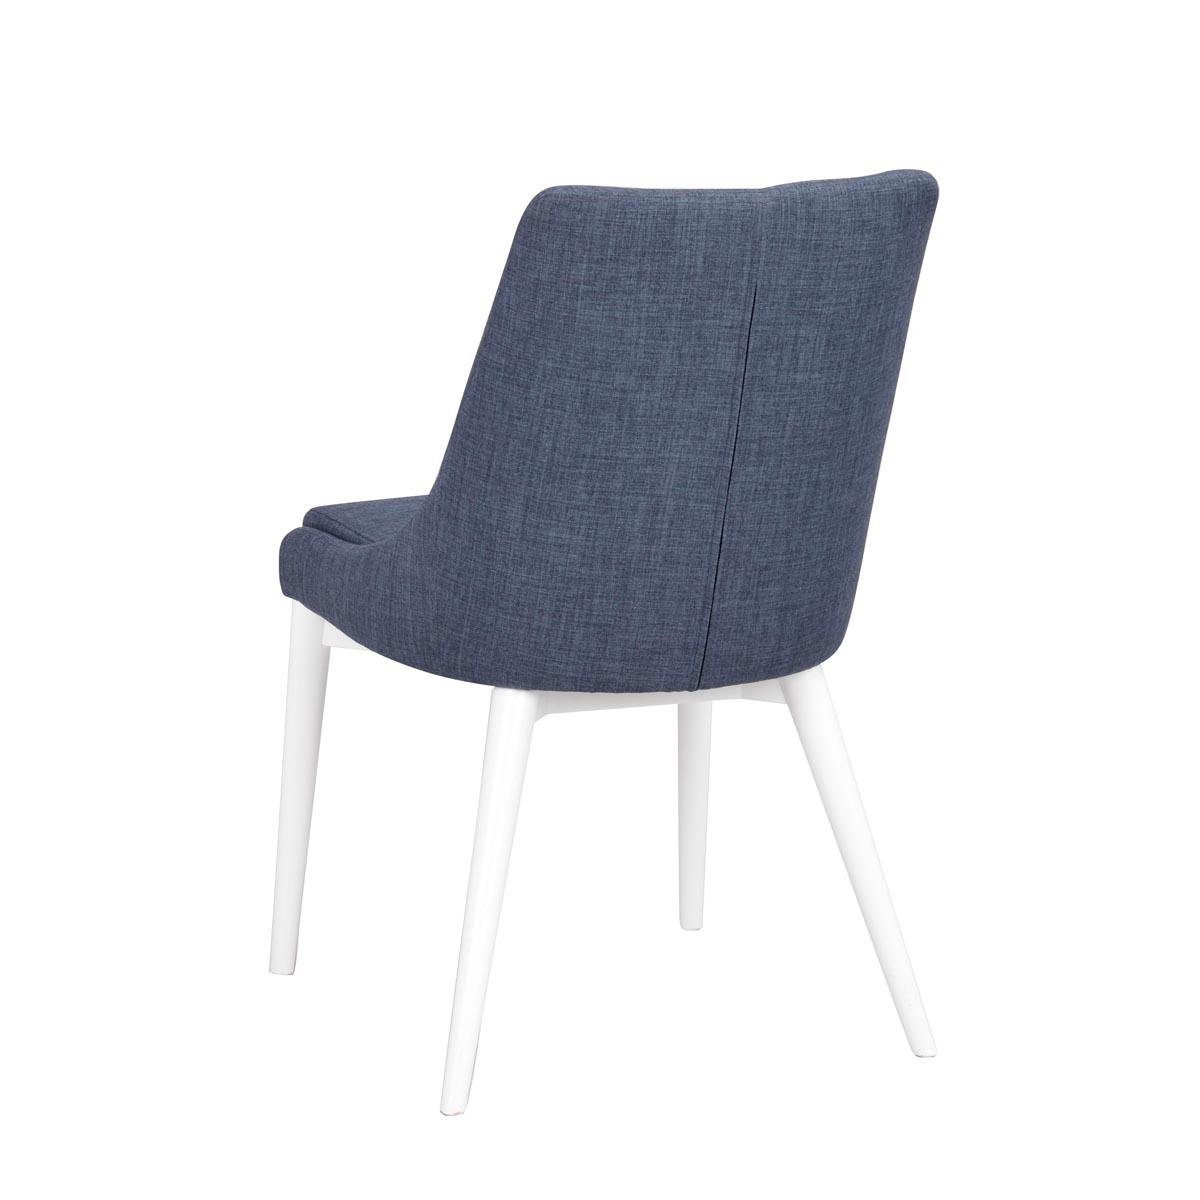 Bea-stol-blått-tyg_vitR-118315_d